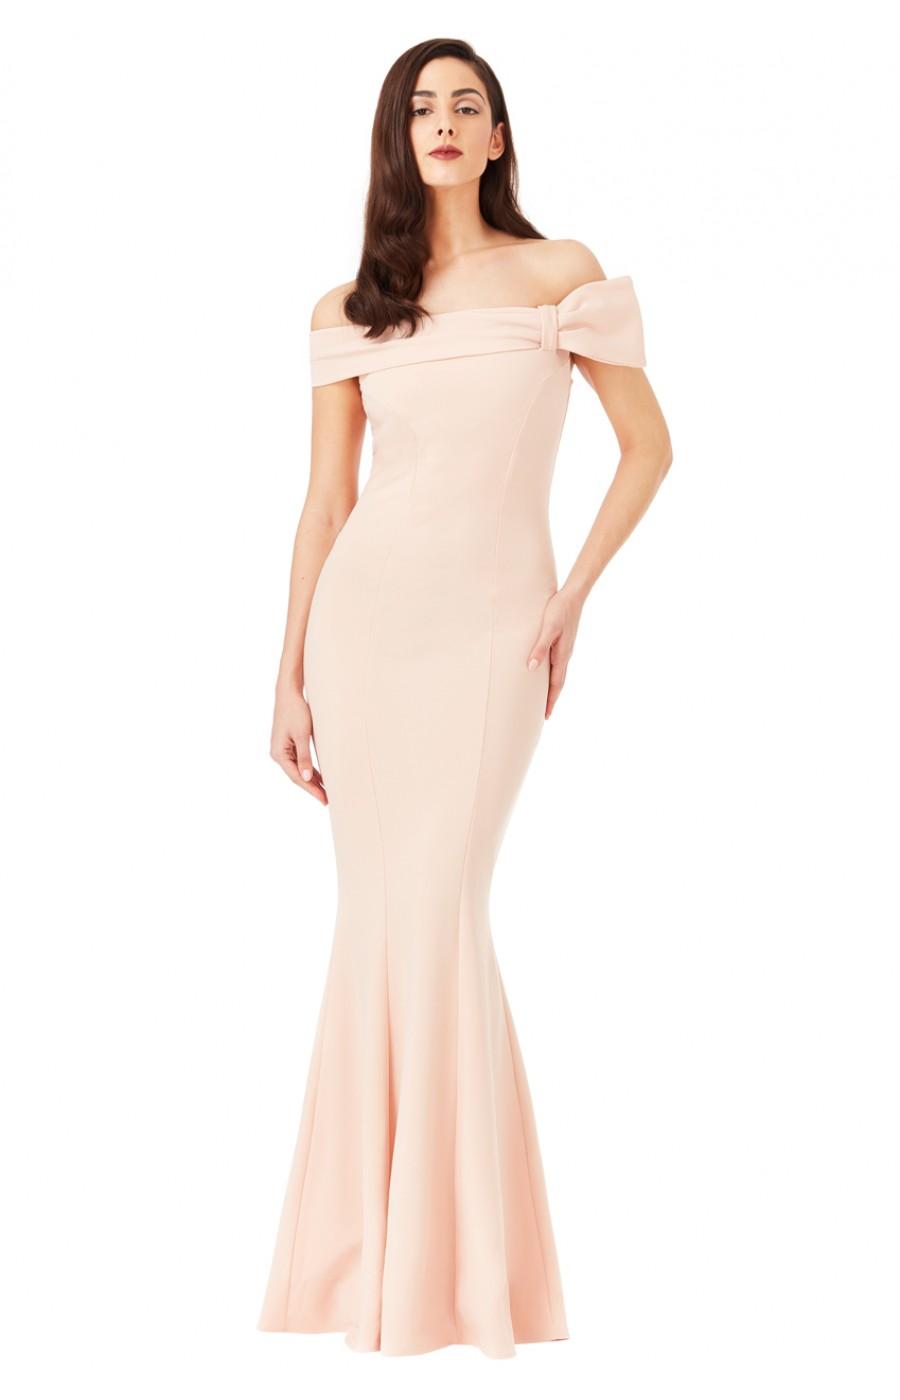 Μπεζ εφαρμοστό κρεπ φόρεμα με ανοικτούς ώμους